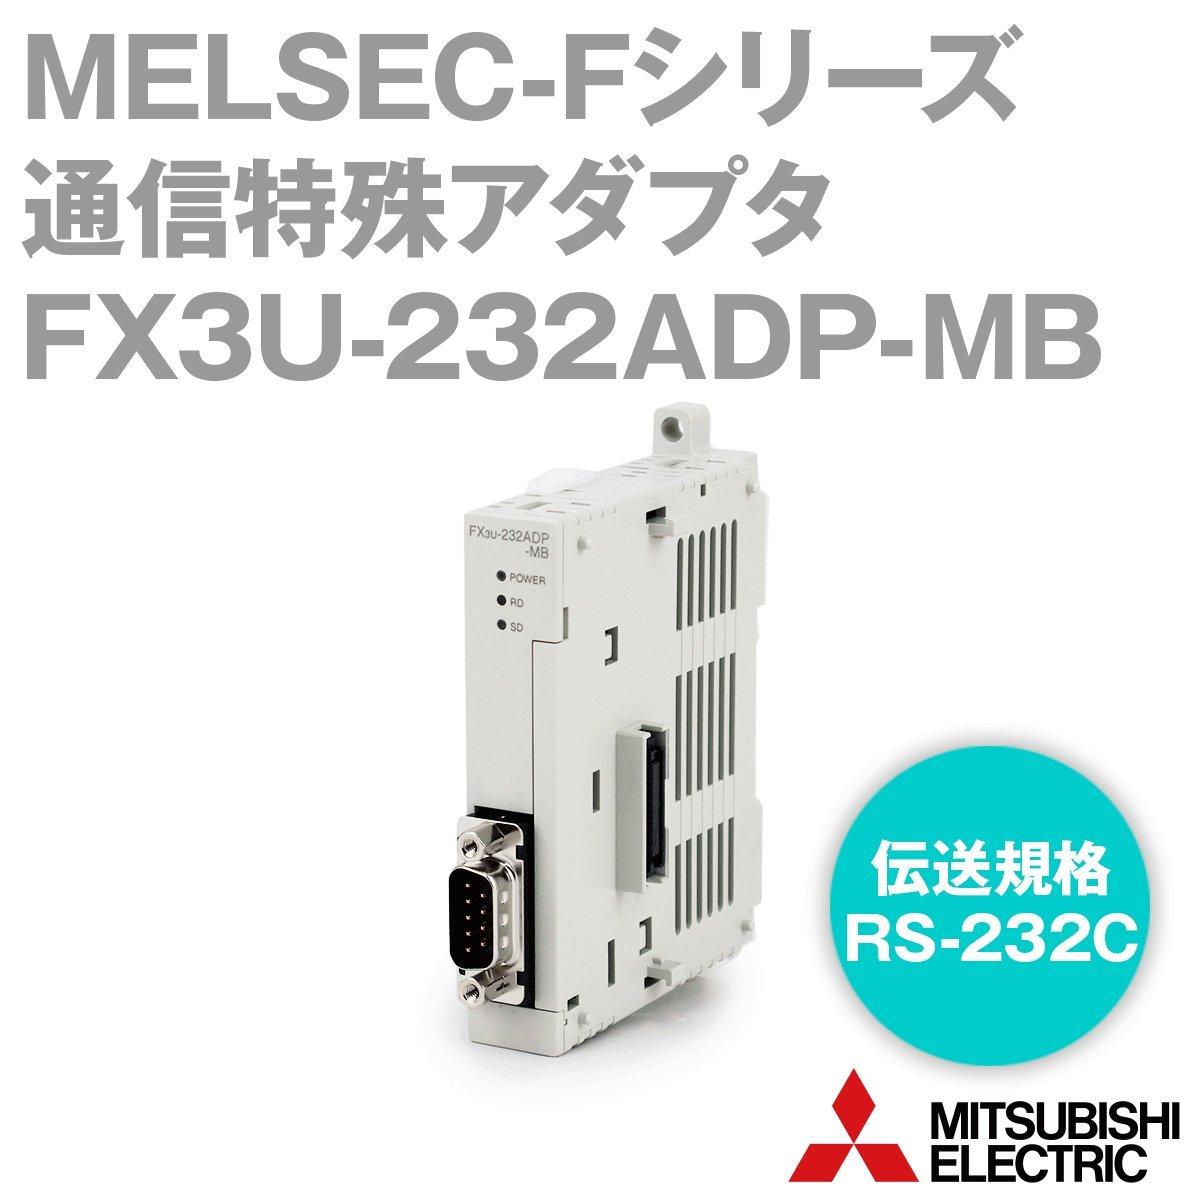 三菱電機 FX3U-232ADP-MB FXシリーズシーケンサ 通信特殊アダプタ NN B00FJNC8ZI